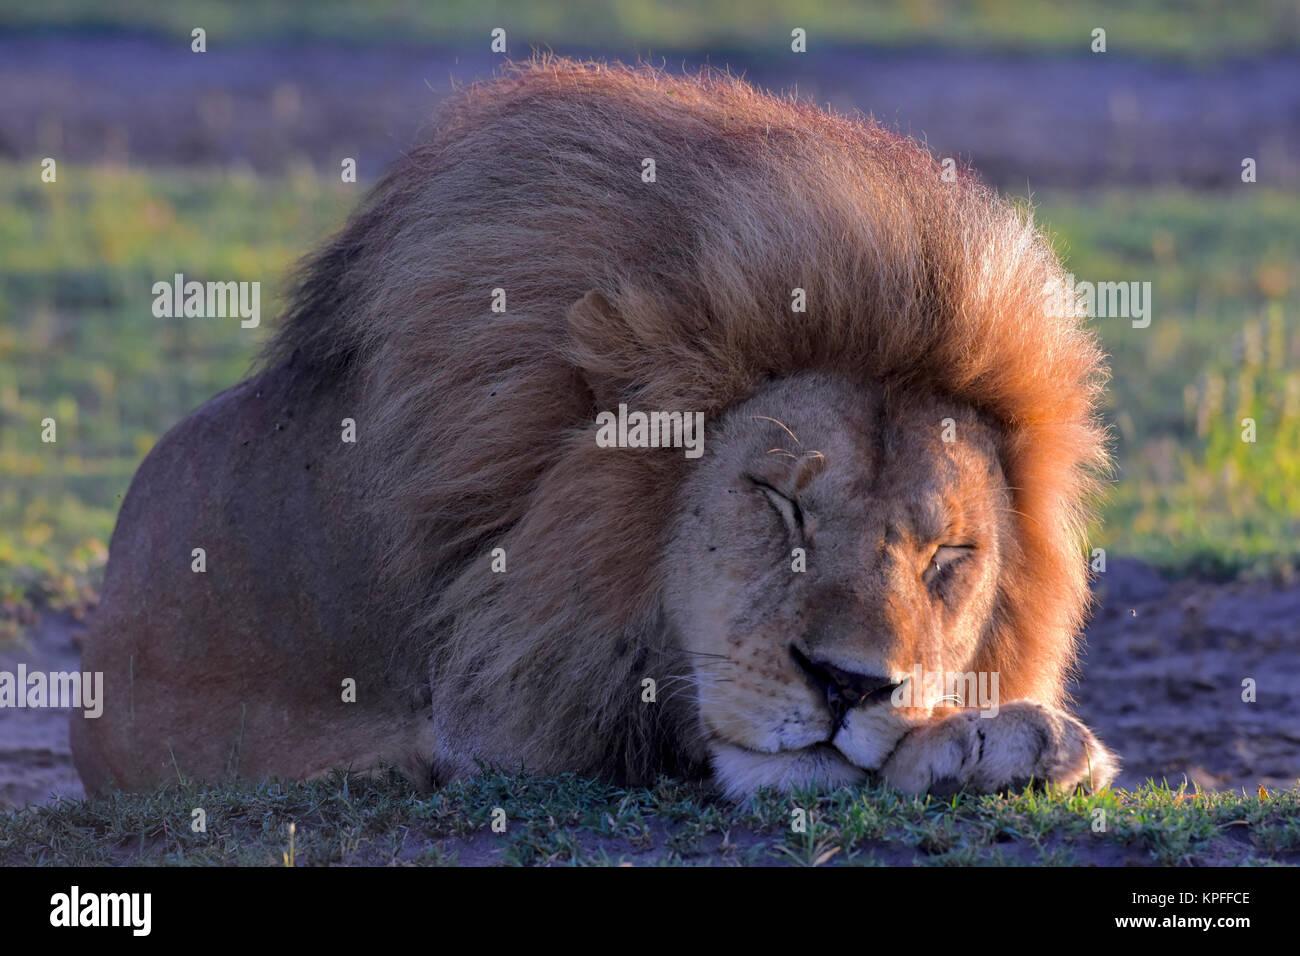 Wildlife Sightseeing in einer der Tierwelt Reiseziele auf earht - Serengeti, Tansania. Schlafen stattliche männliche Stockbild